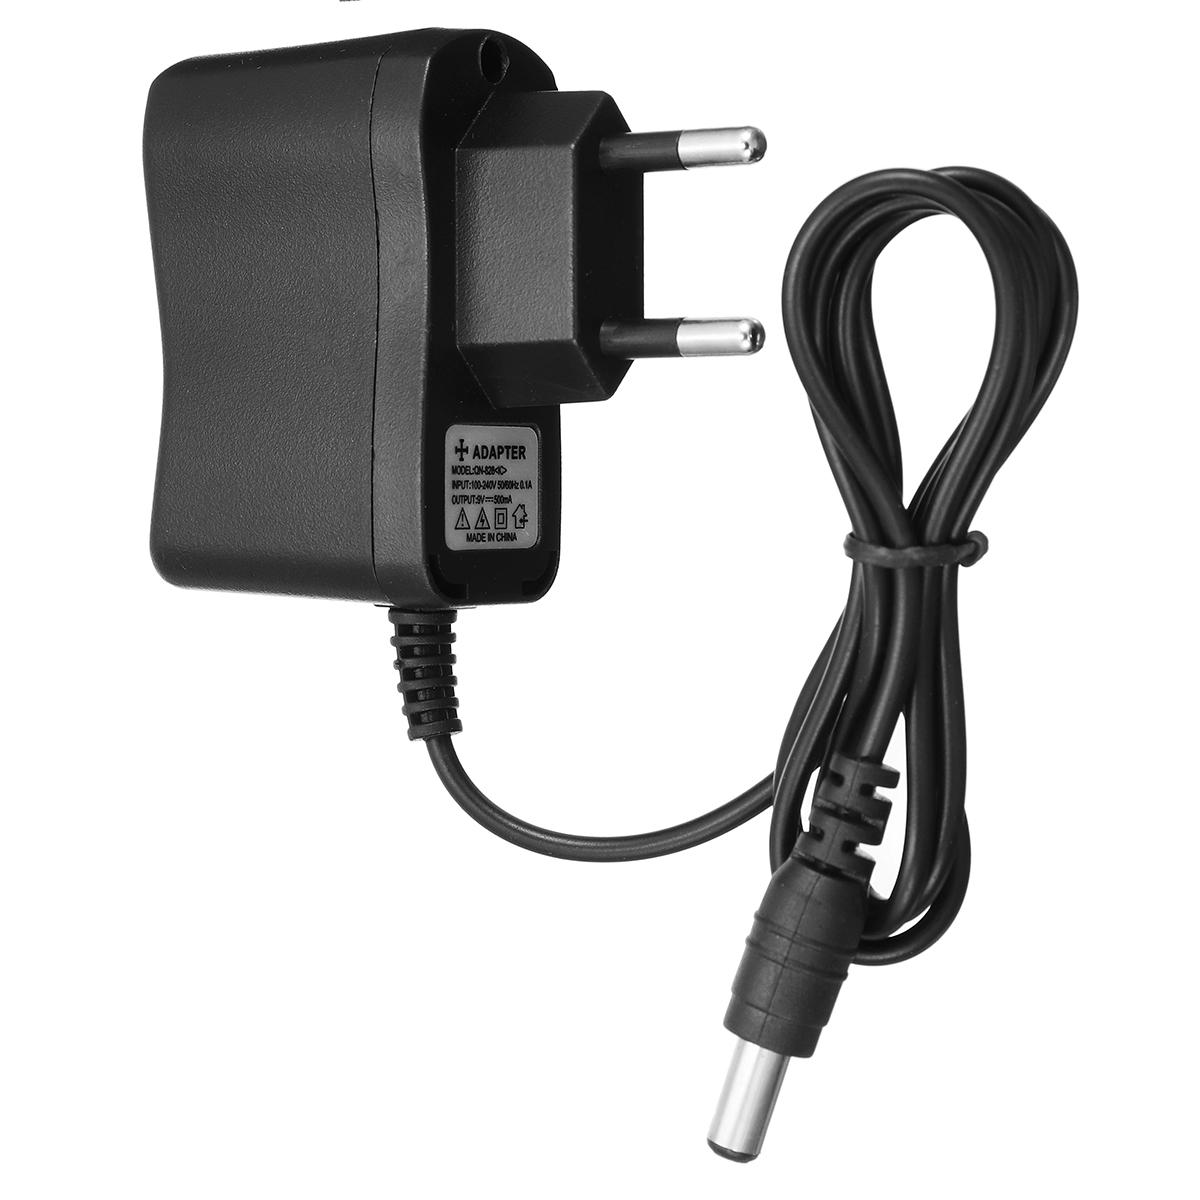 Батарея DC5.5X2.1 Адаптер зарядного устройства для системы питания Солнечная AU / EU / US Plug